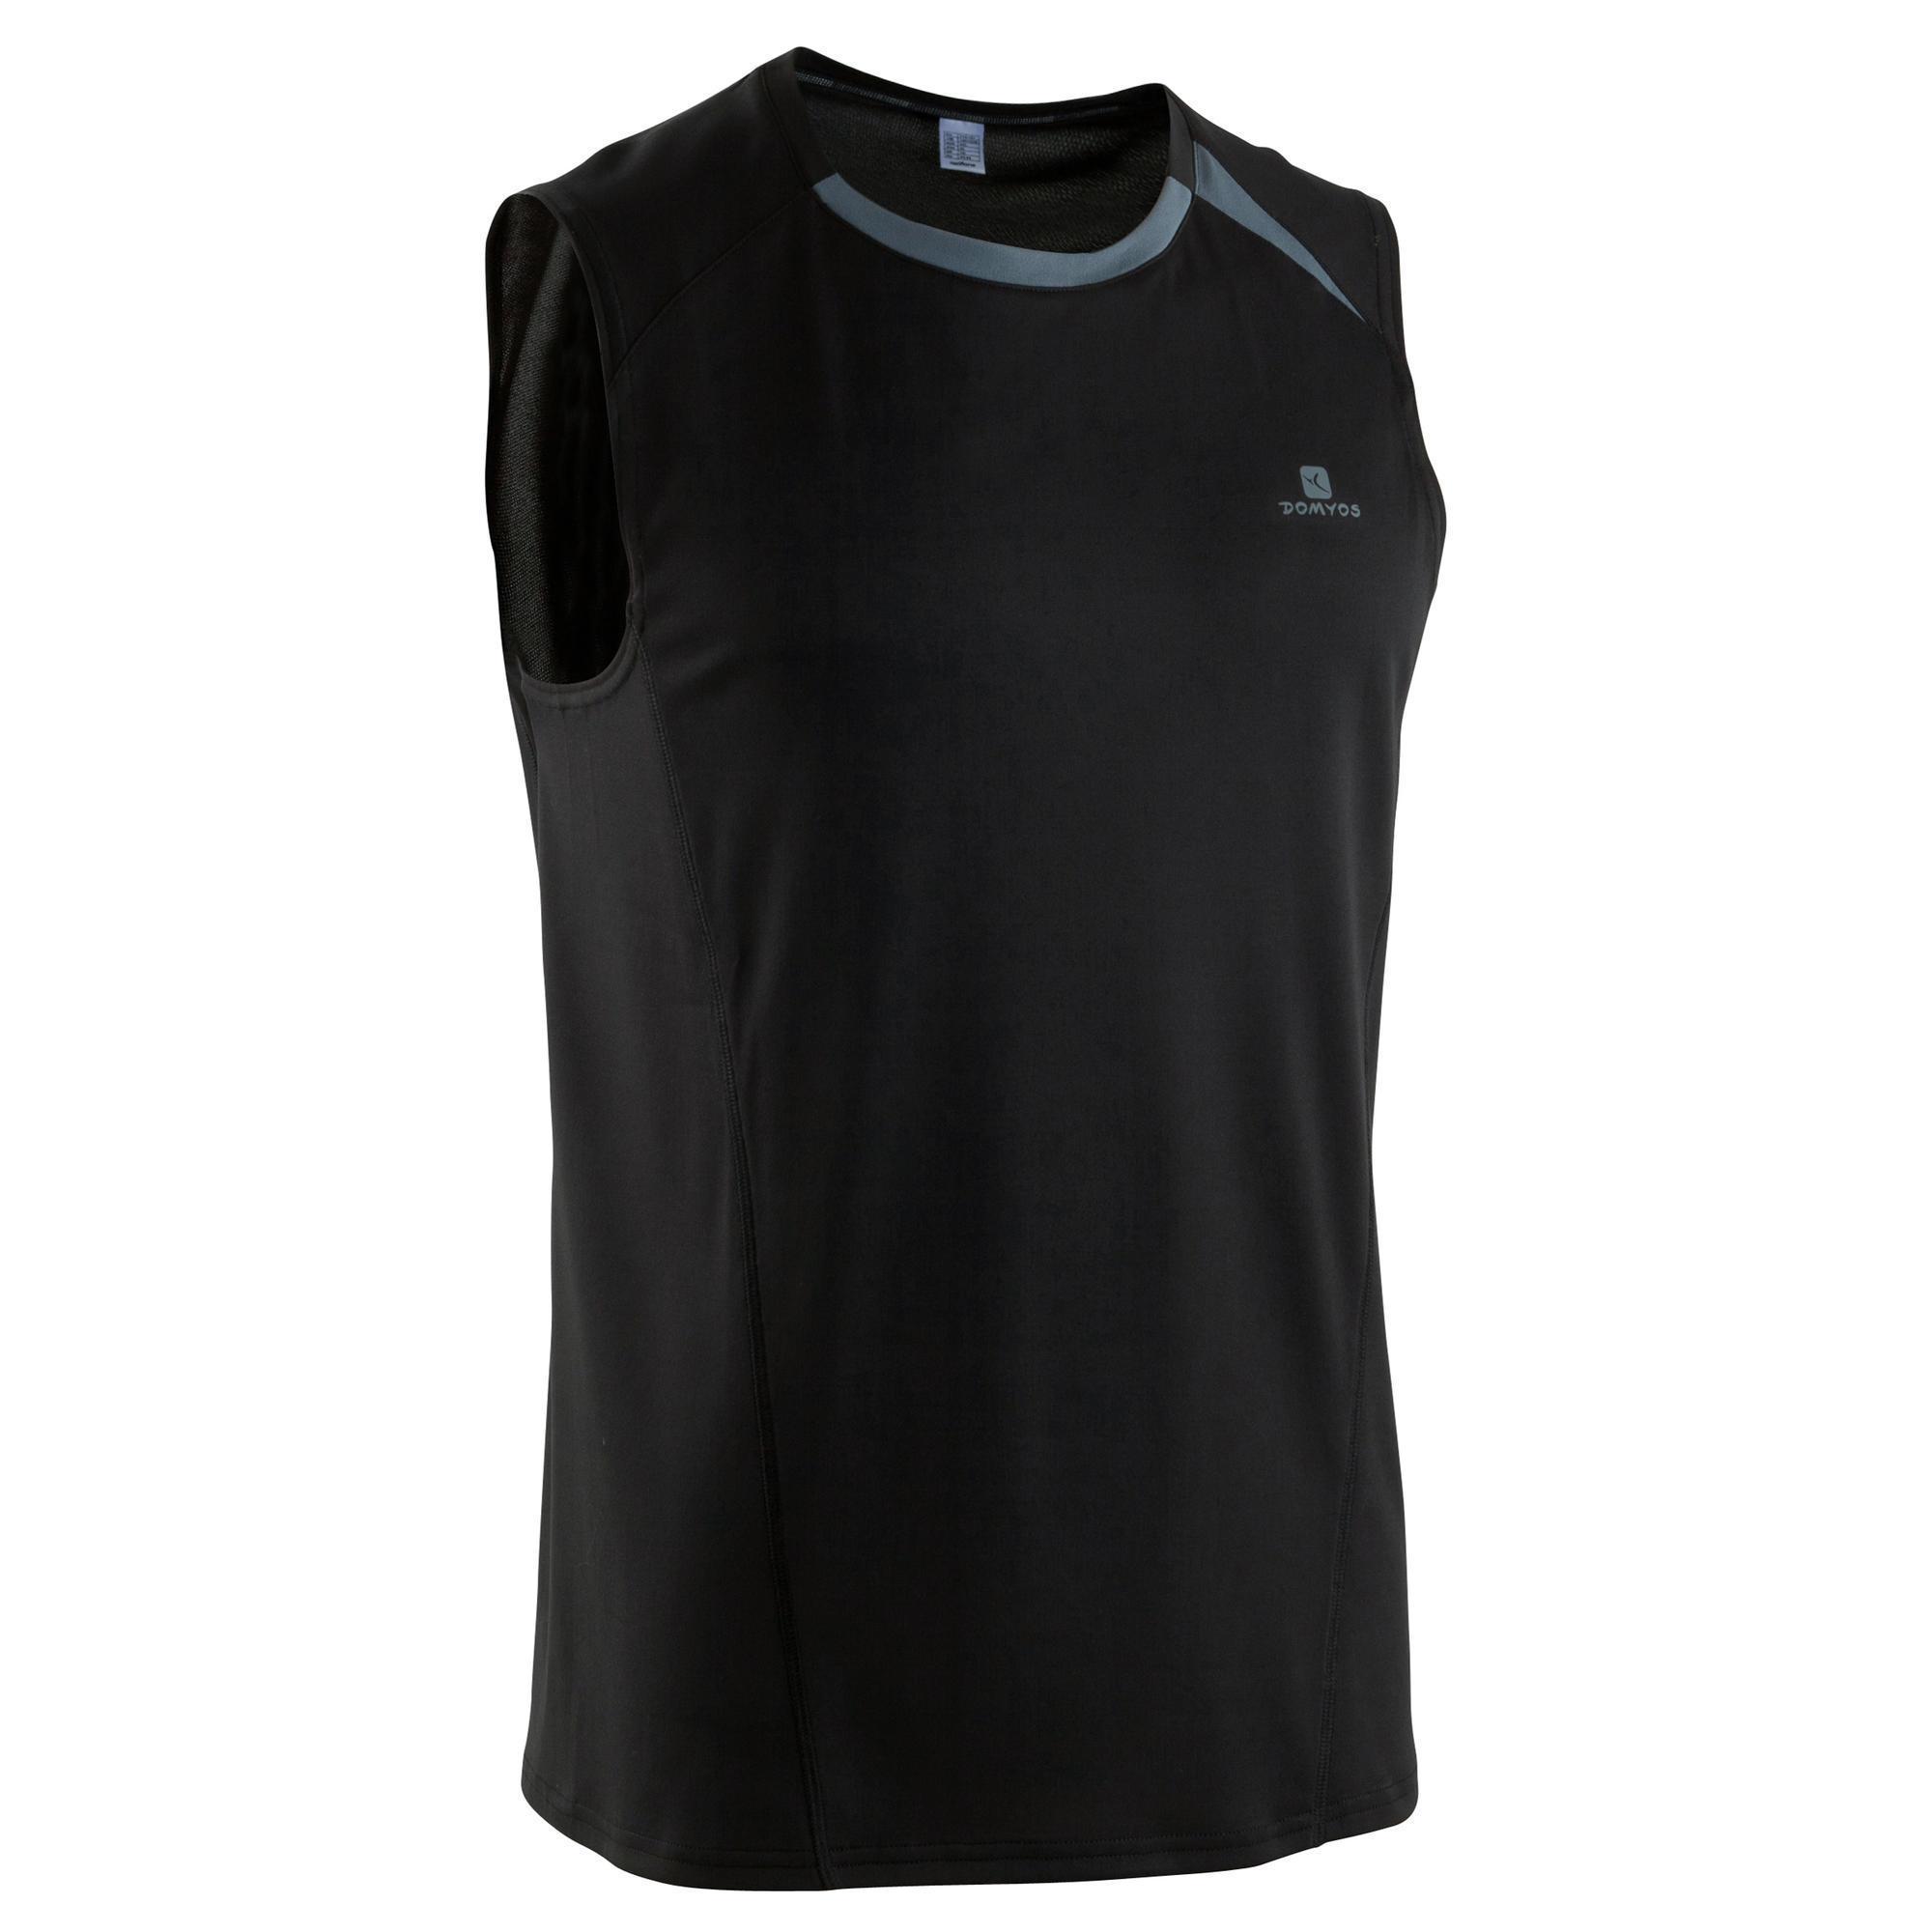 Roupa fitness e musculação homem  d0d97086721